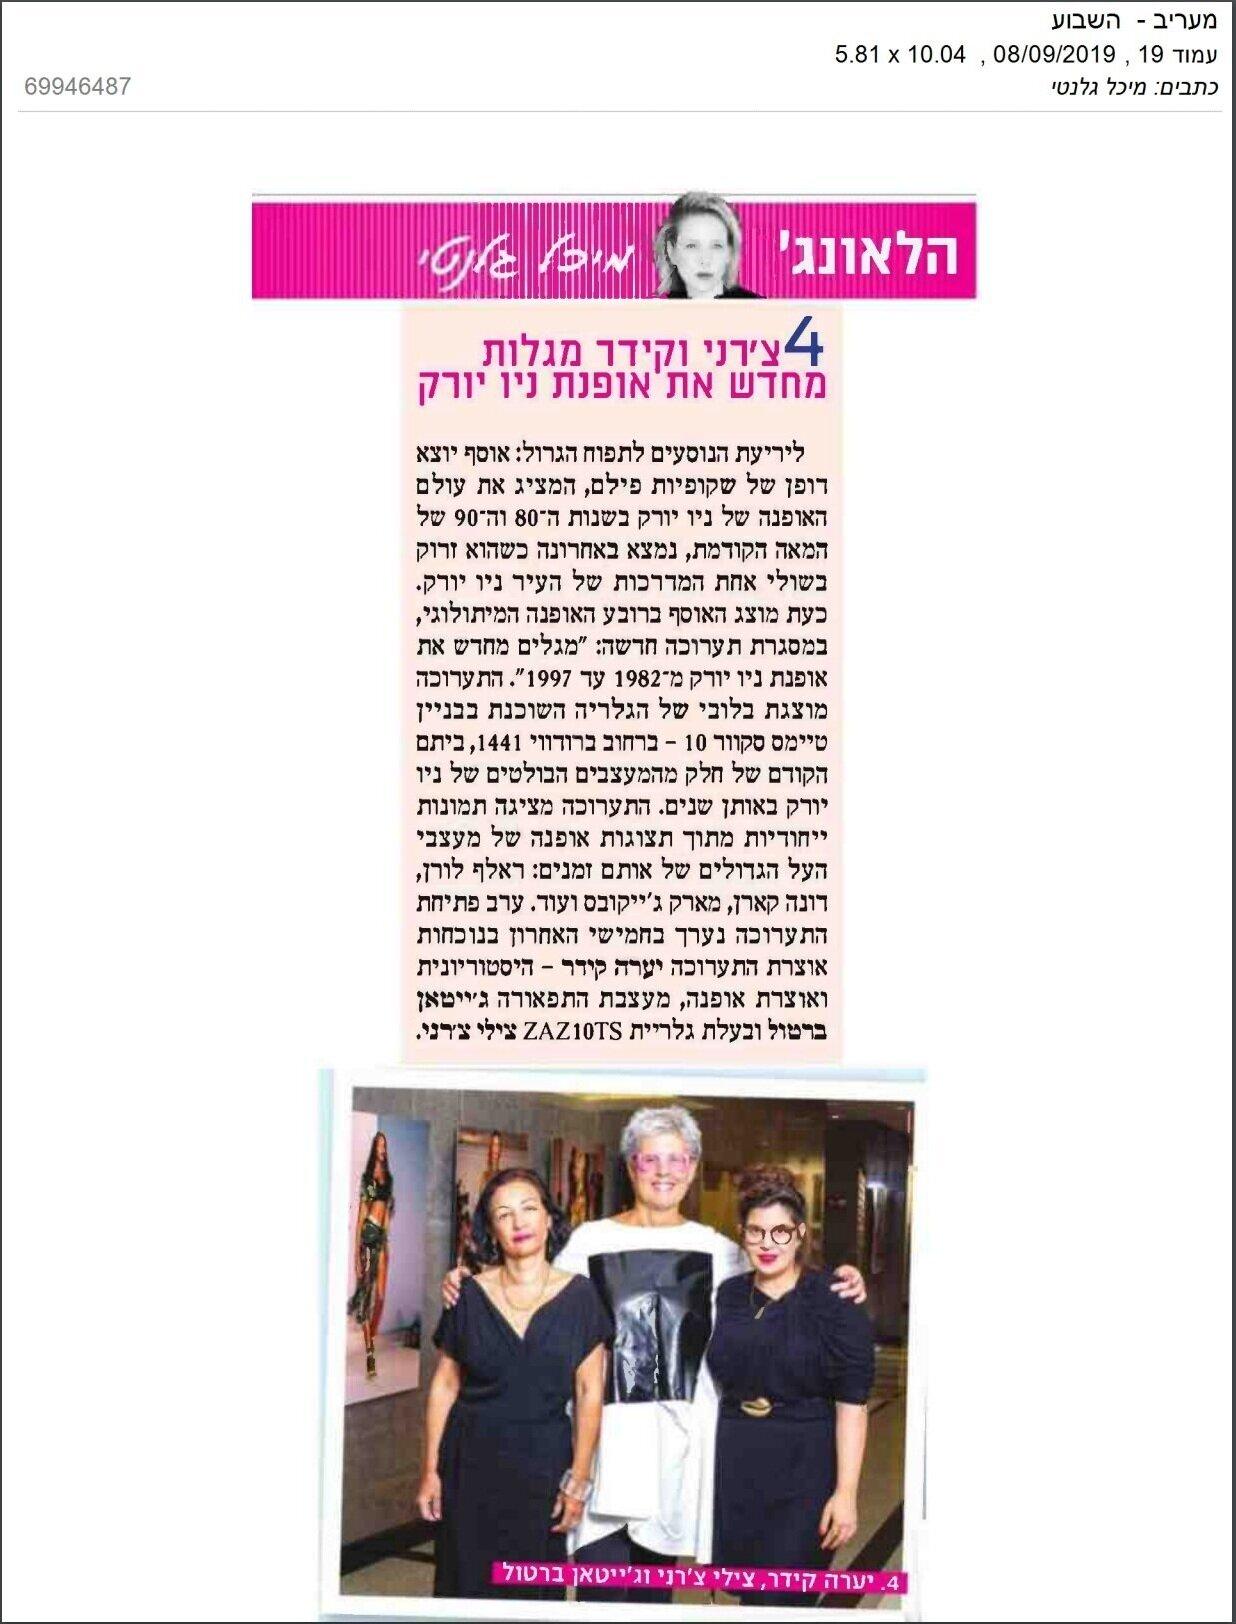 Maariv |  PDF  | Sept 08, 2019